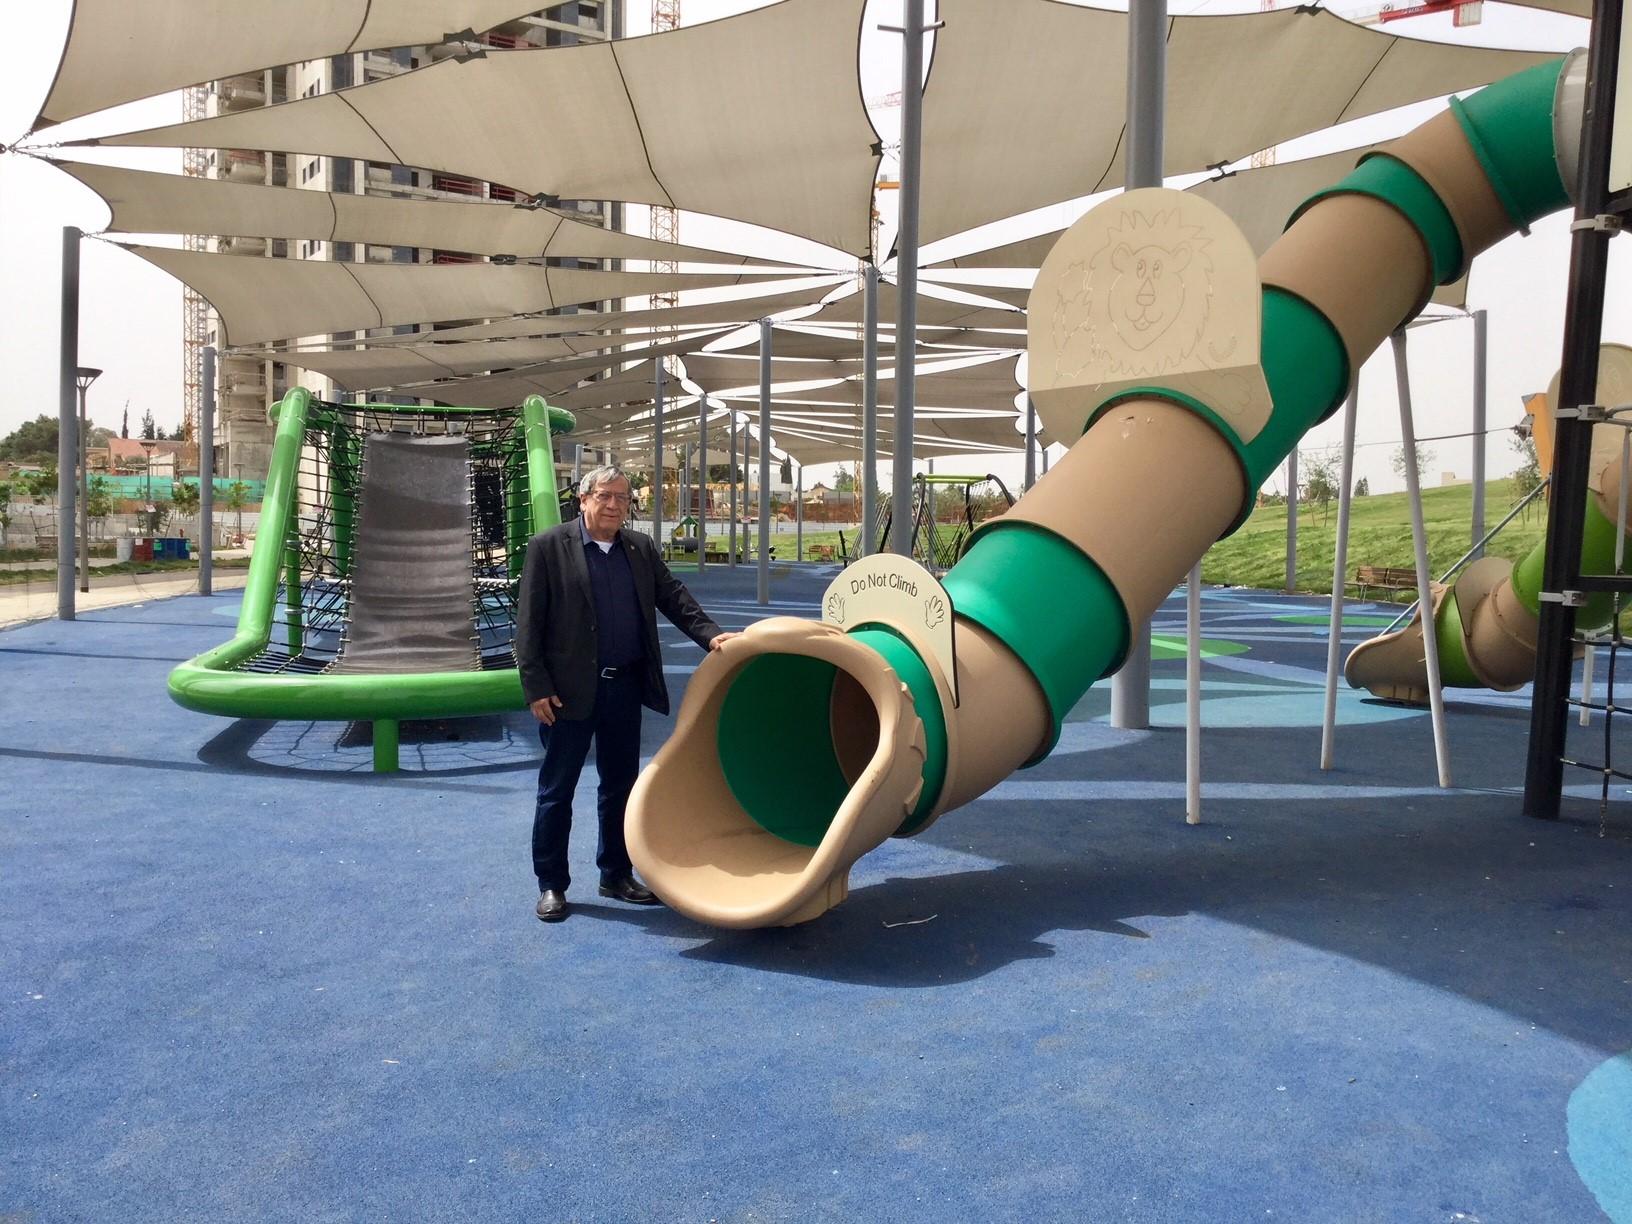 ראש עיריית רמת-גן בפארק קונביץ - צילום באדיבות עיריית רמת-גן